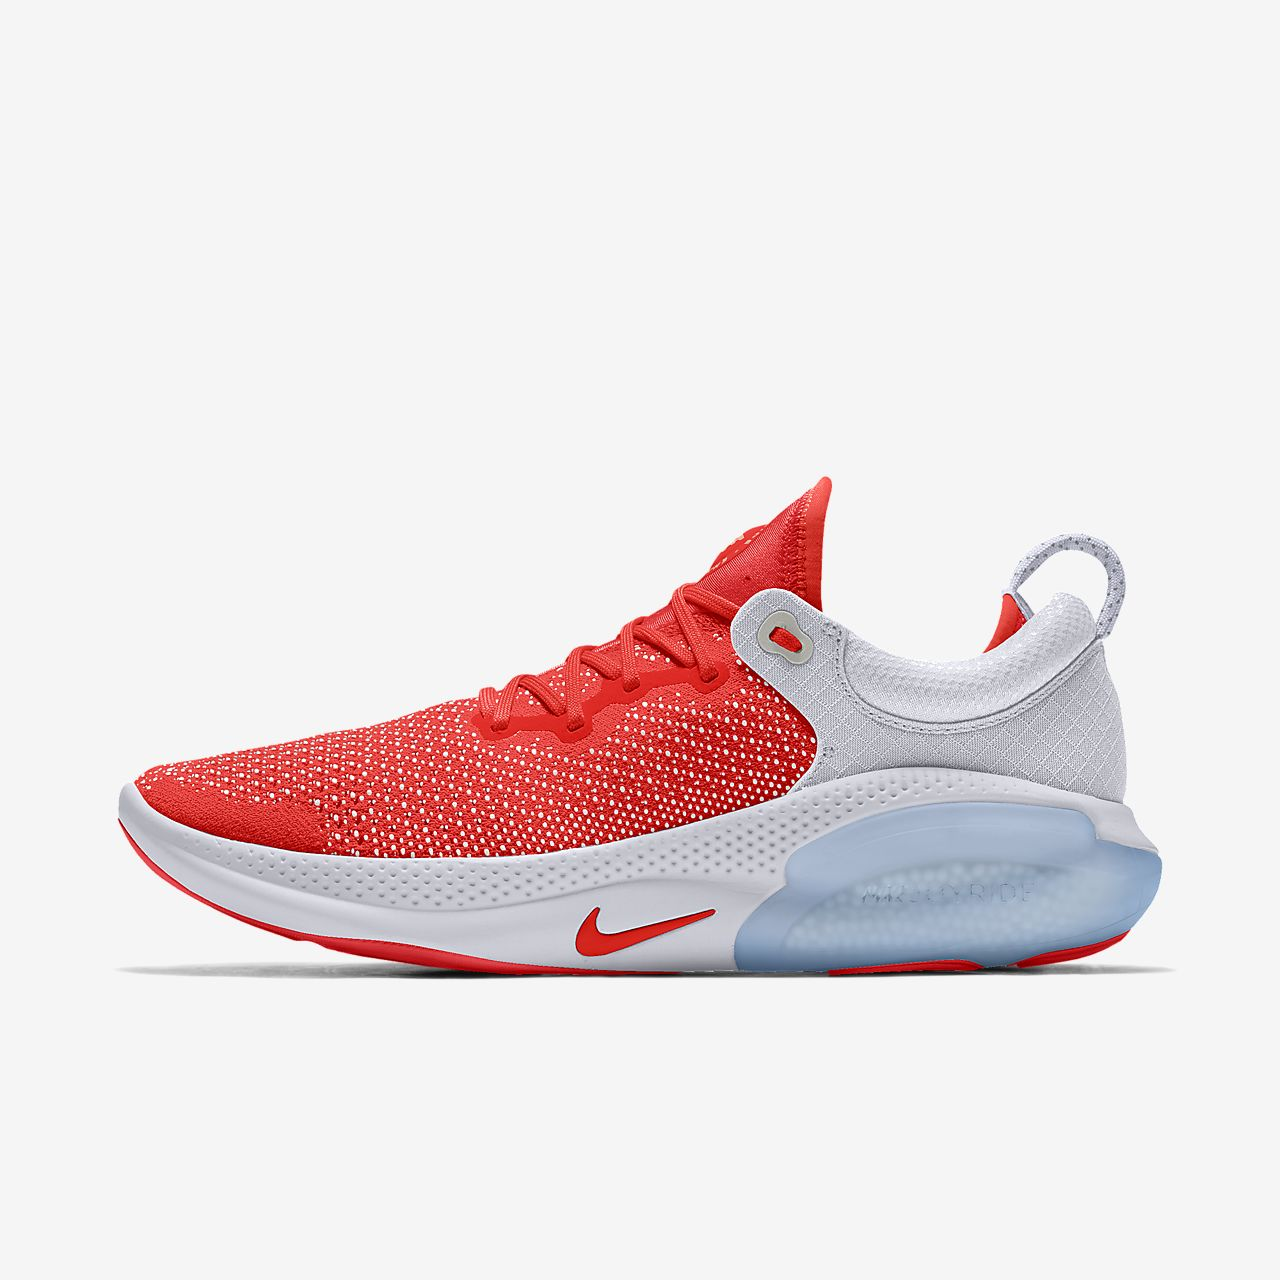 Pánská běžecká bota Nike Joyride Run Flyknit By You upravená podle tebe